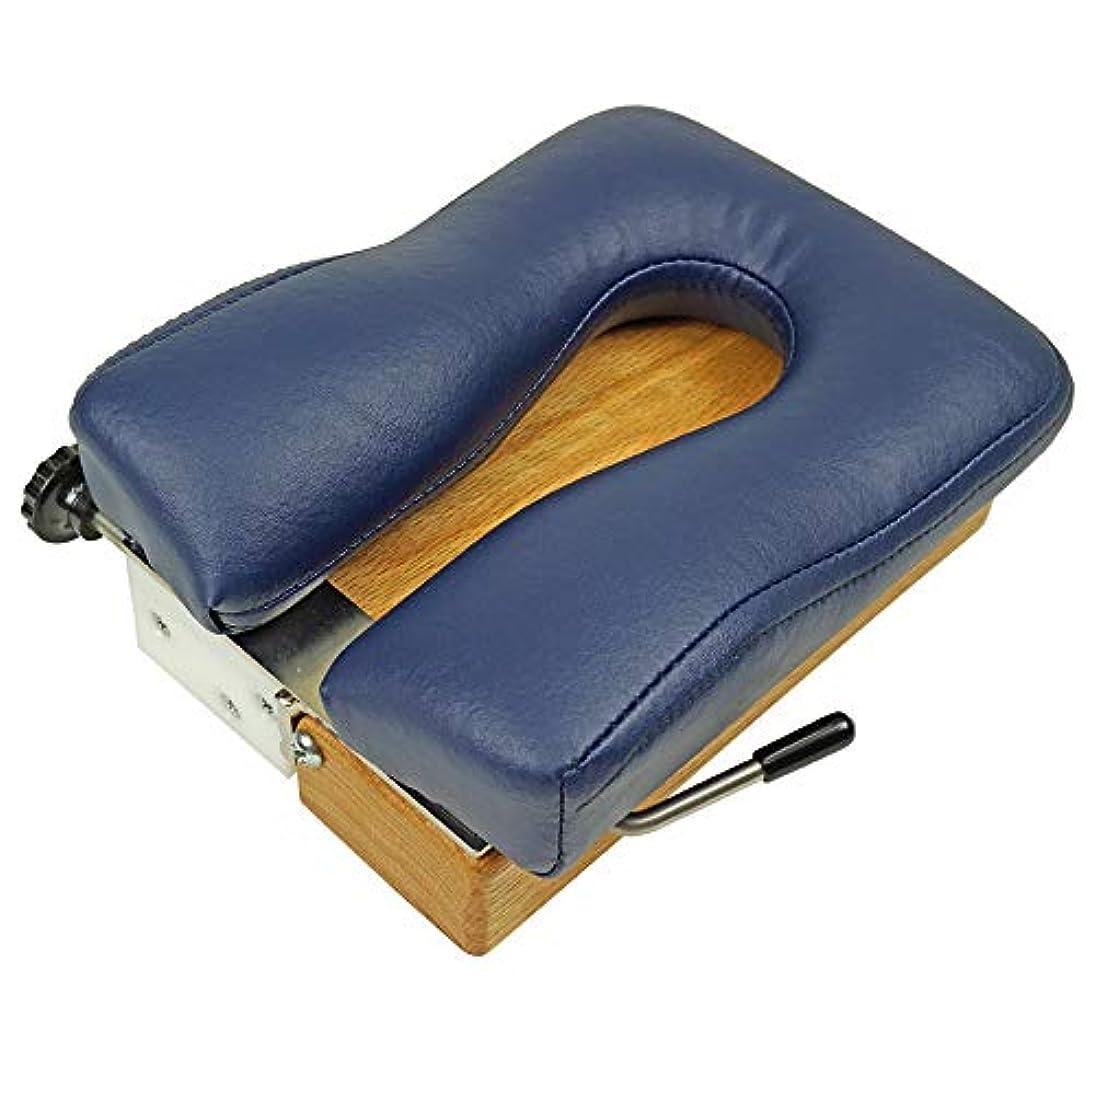 好み受信機建てるLLOYD (ロイドテーブル) ターグルリコイル ドロップ ポータブルドロップ 【 ヘッドピース 上部頚椎用 】